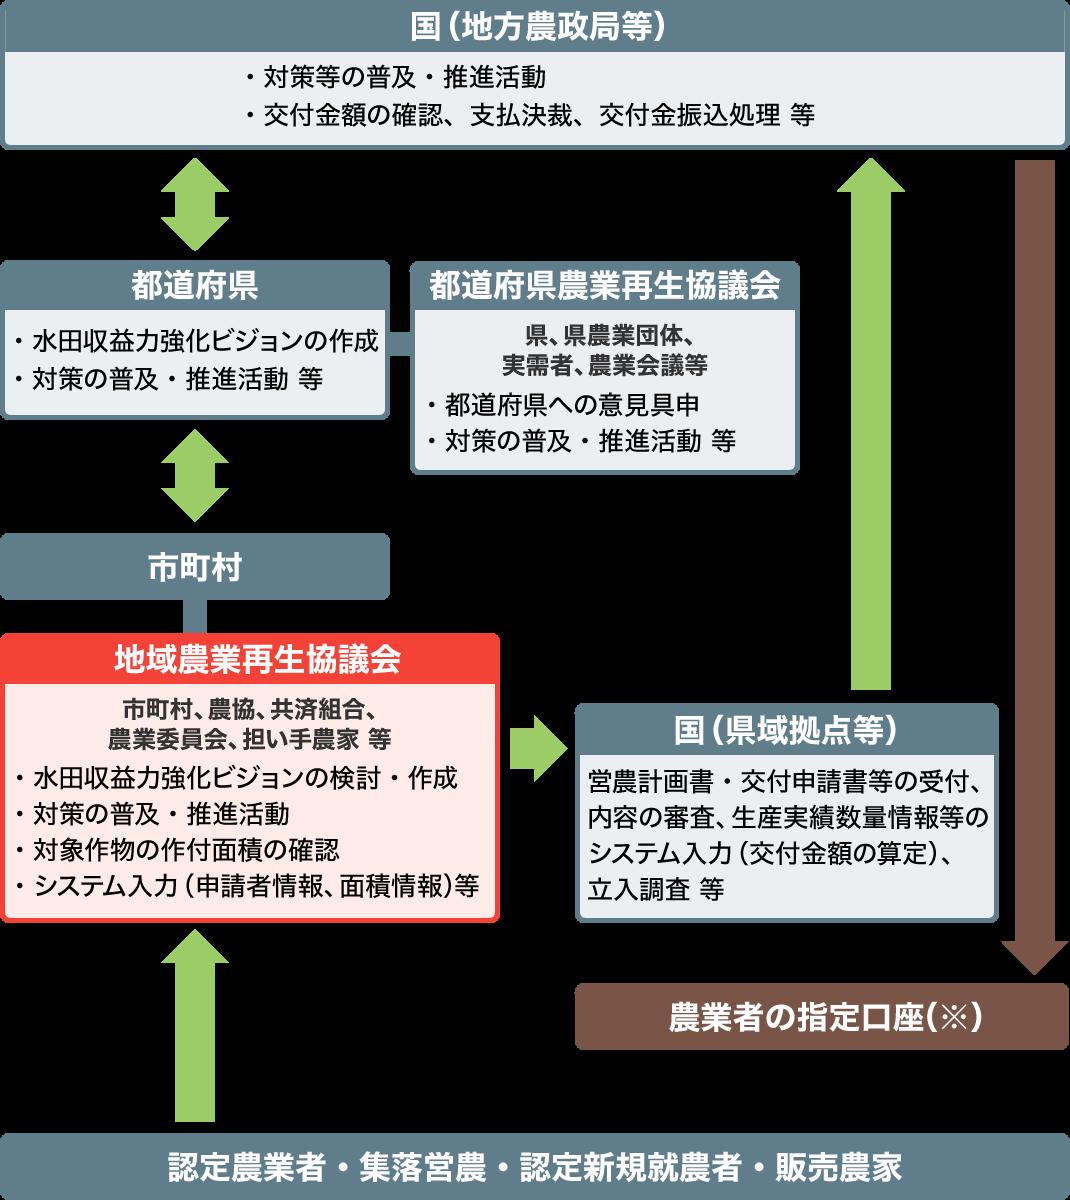 経営所得安定対策等の実施体制